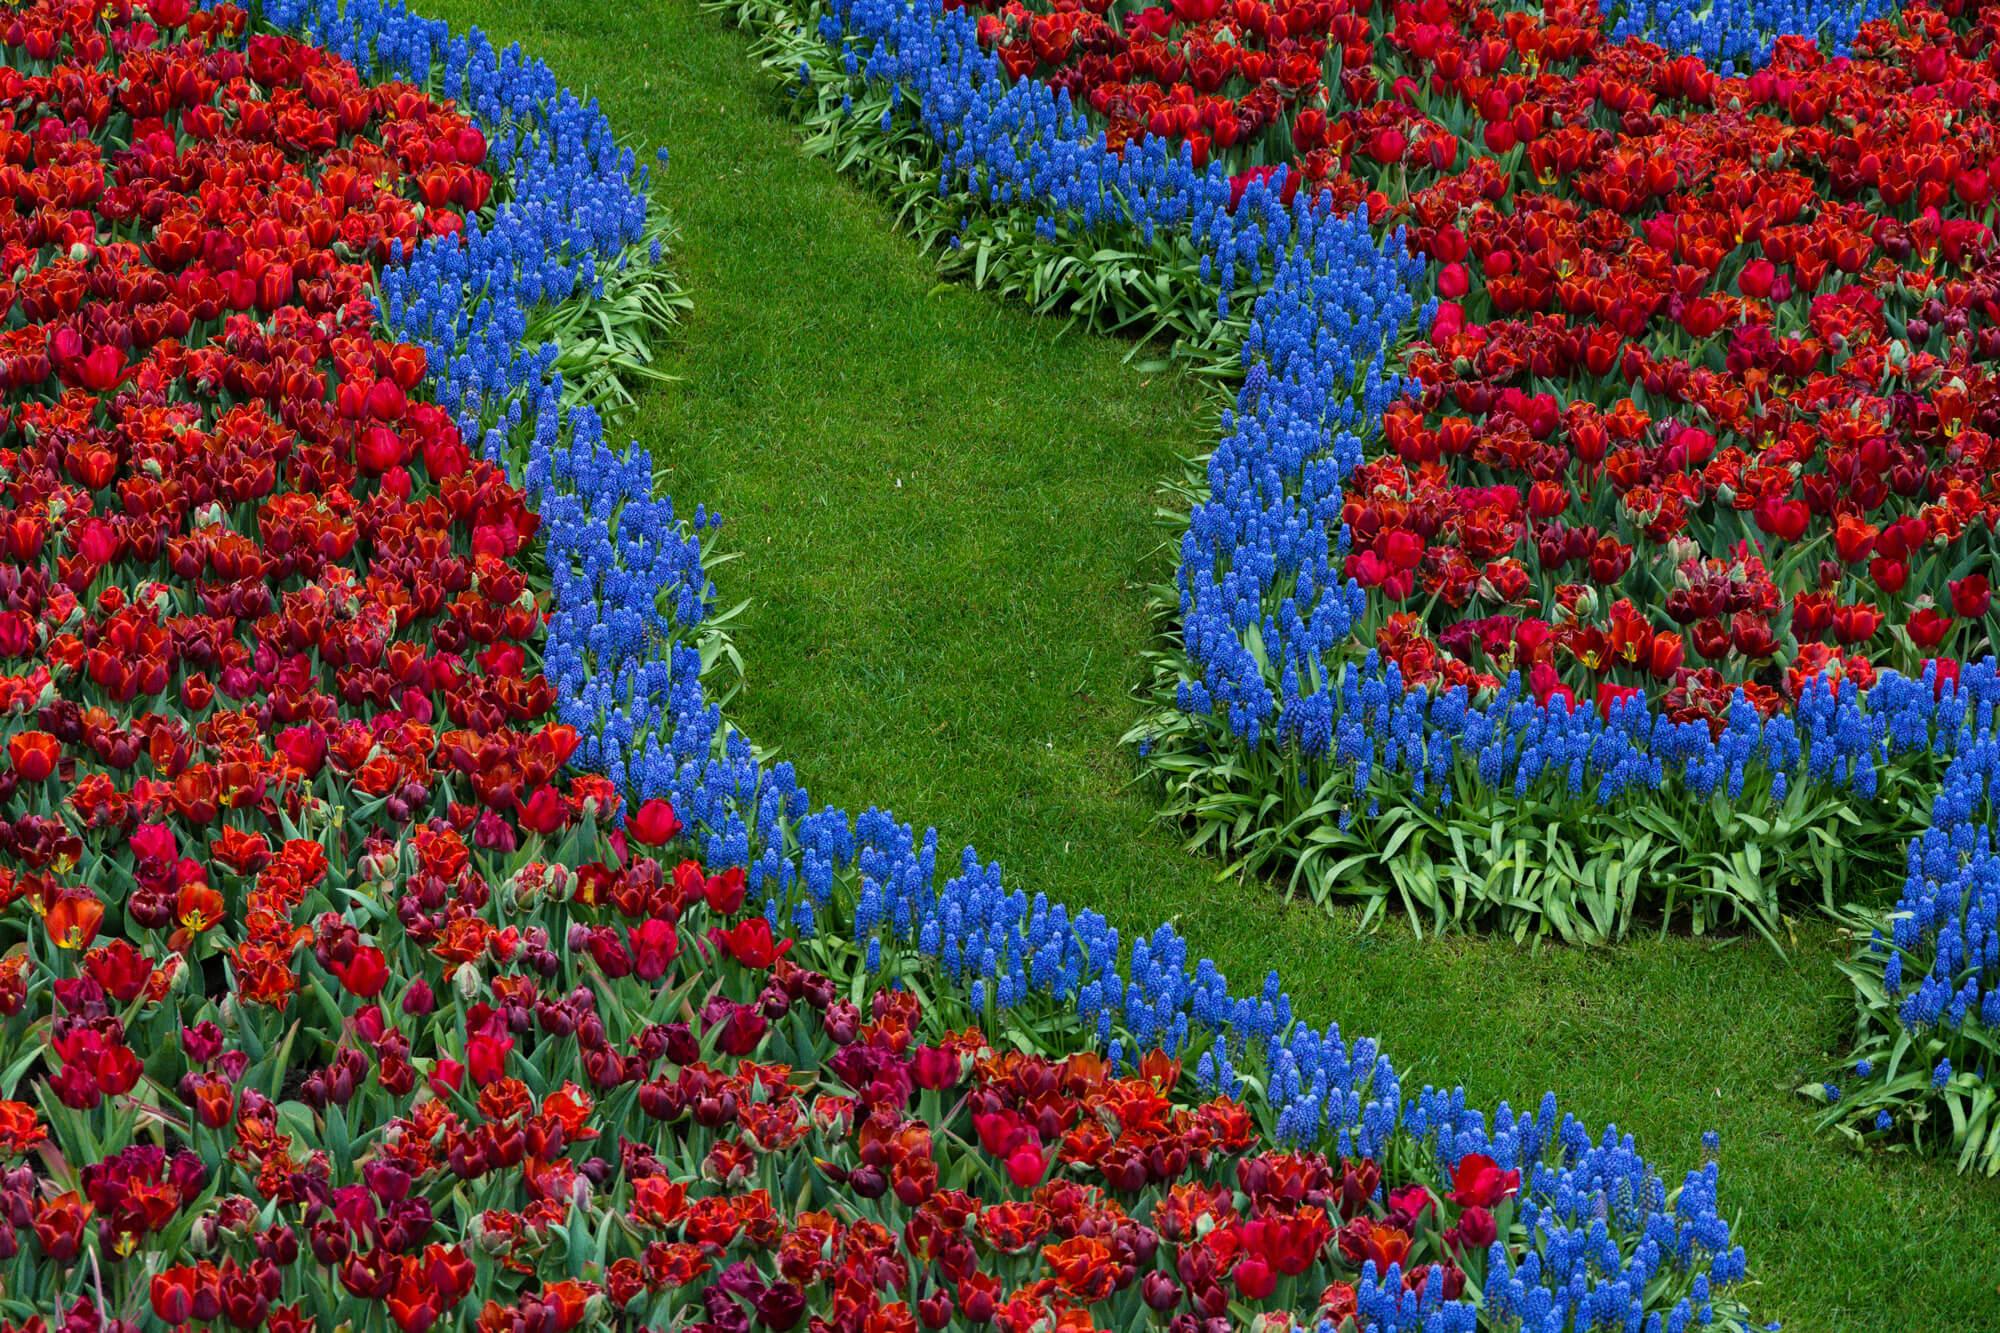 keukenhof couleurs tulipes parc floral moulins